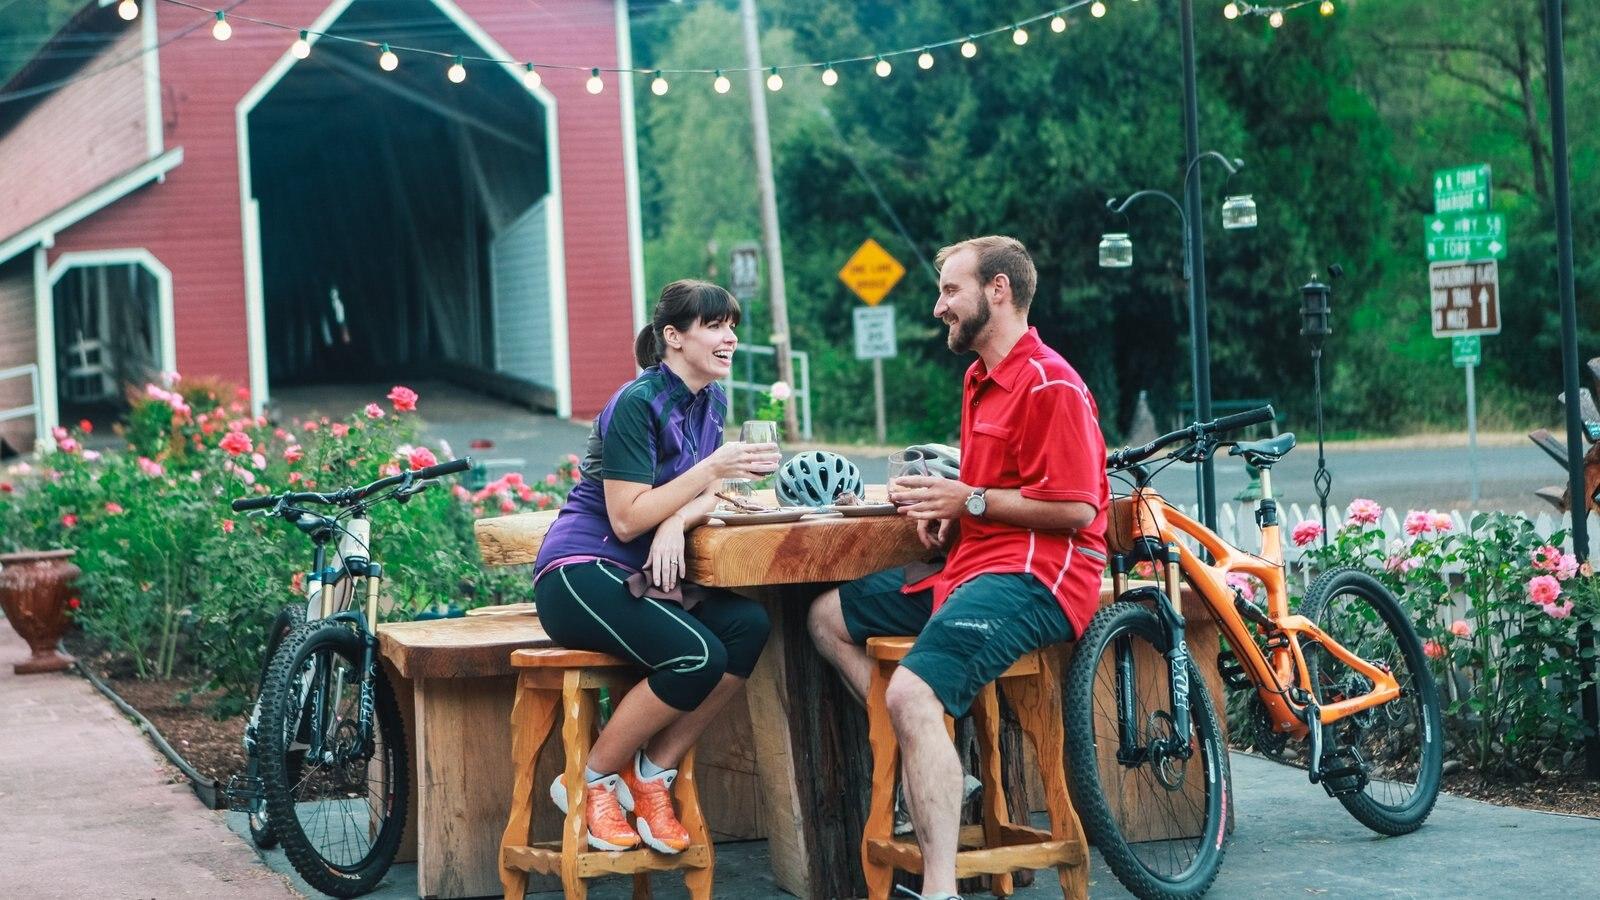 Eugene ofreciendo comer al aire libre y un parque y también una pareja